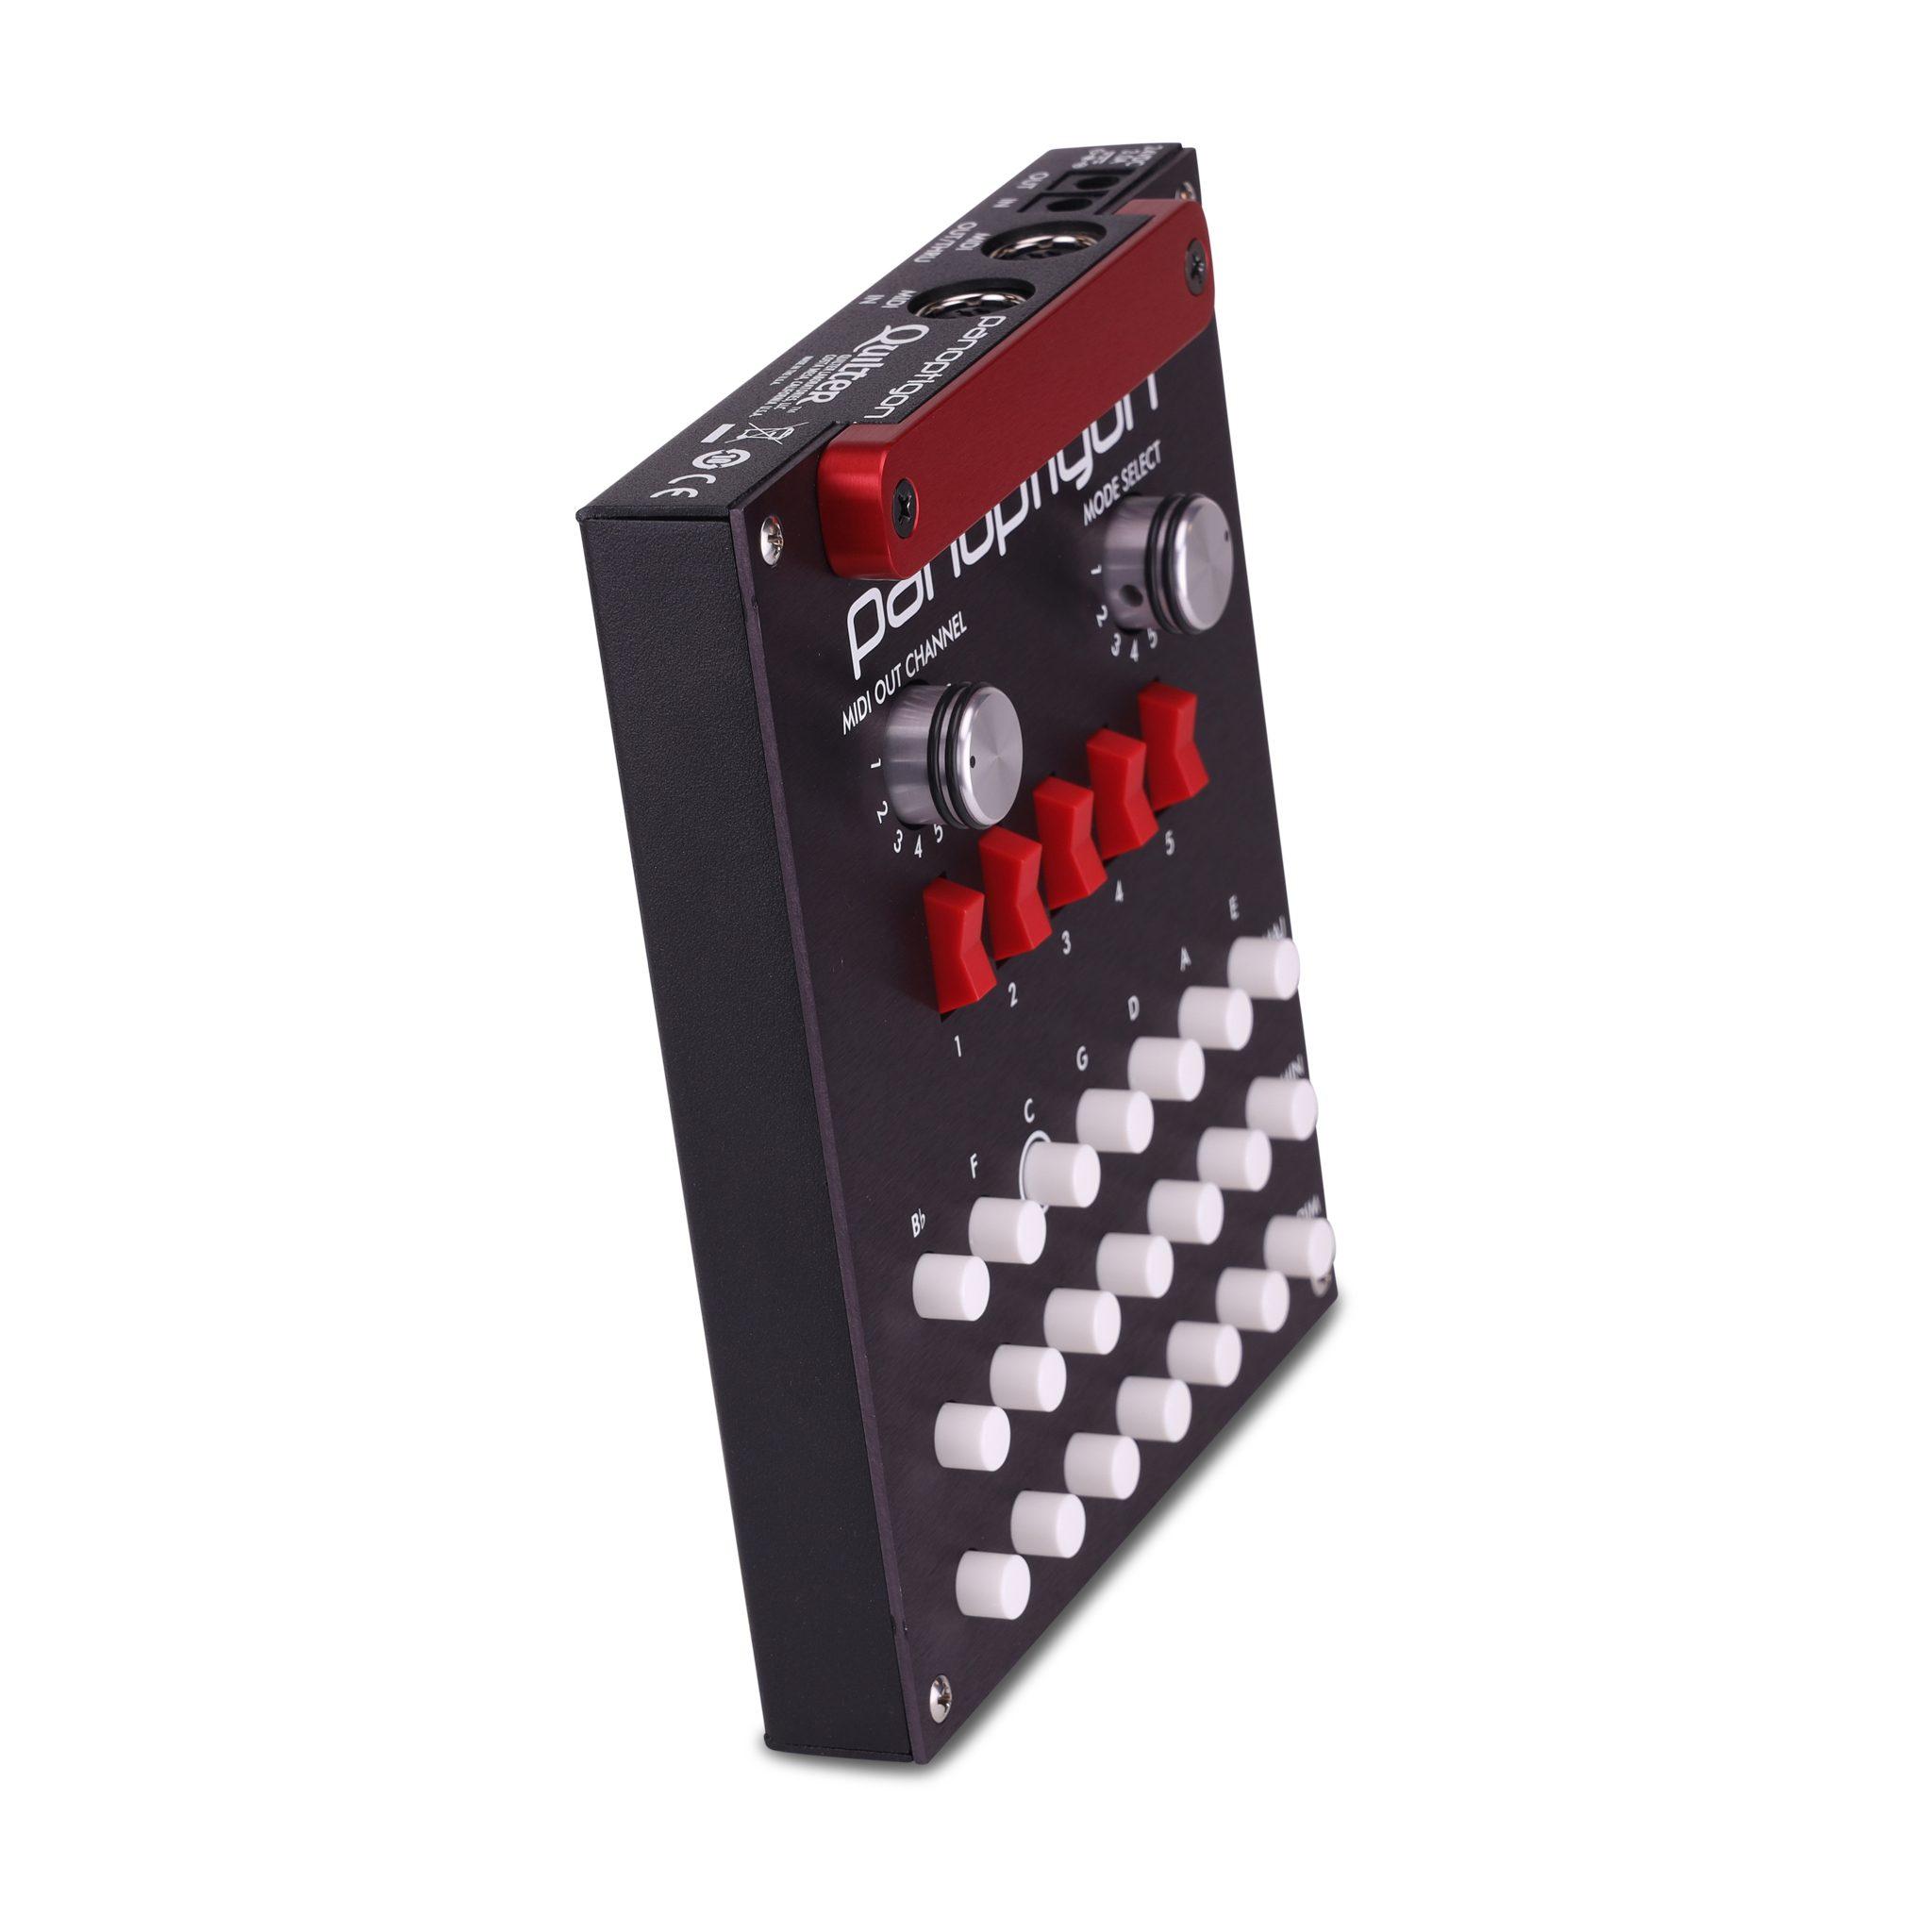 15-panoptigonchordcontroller